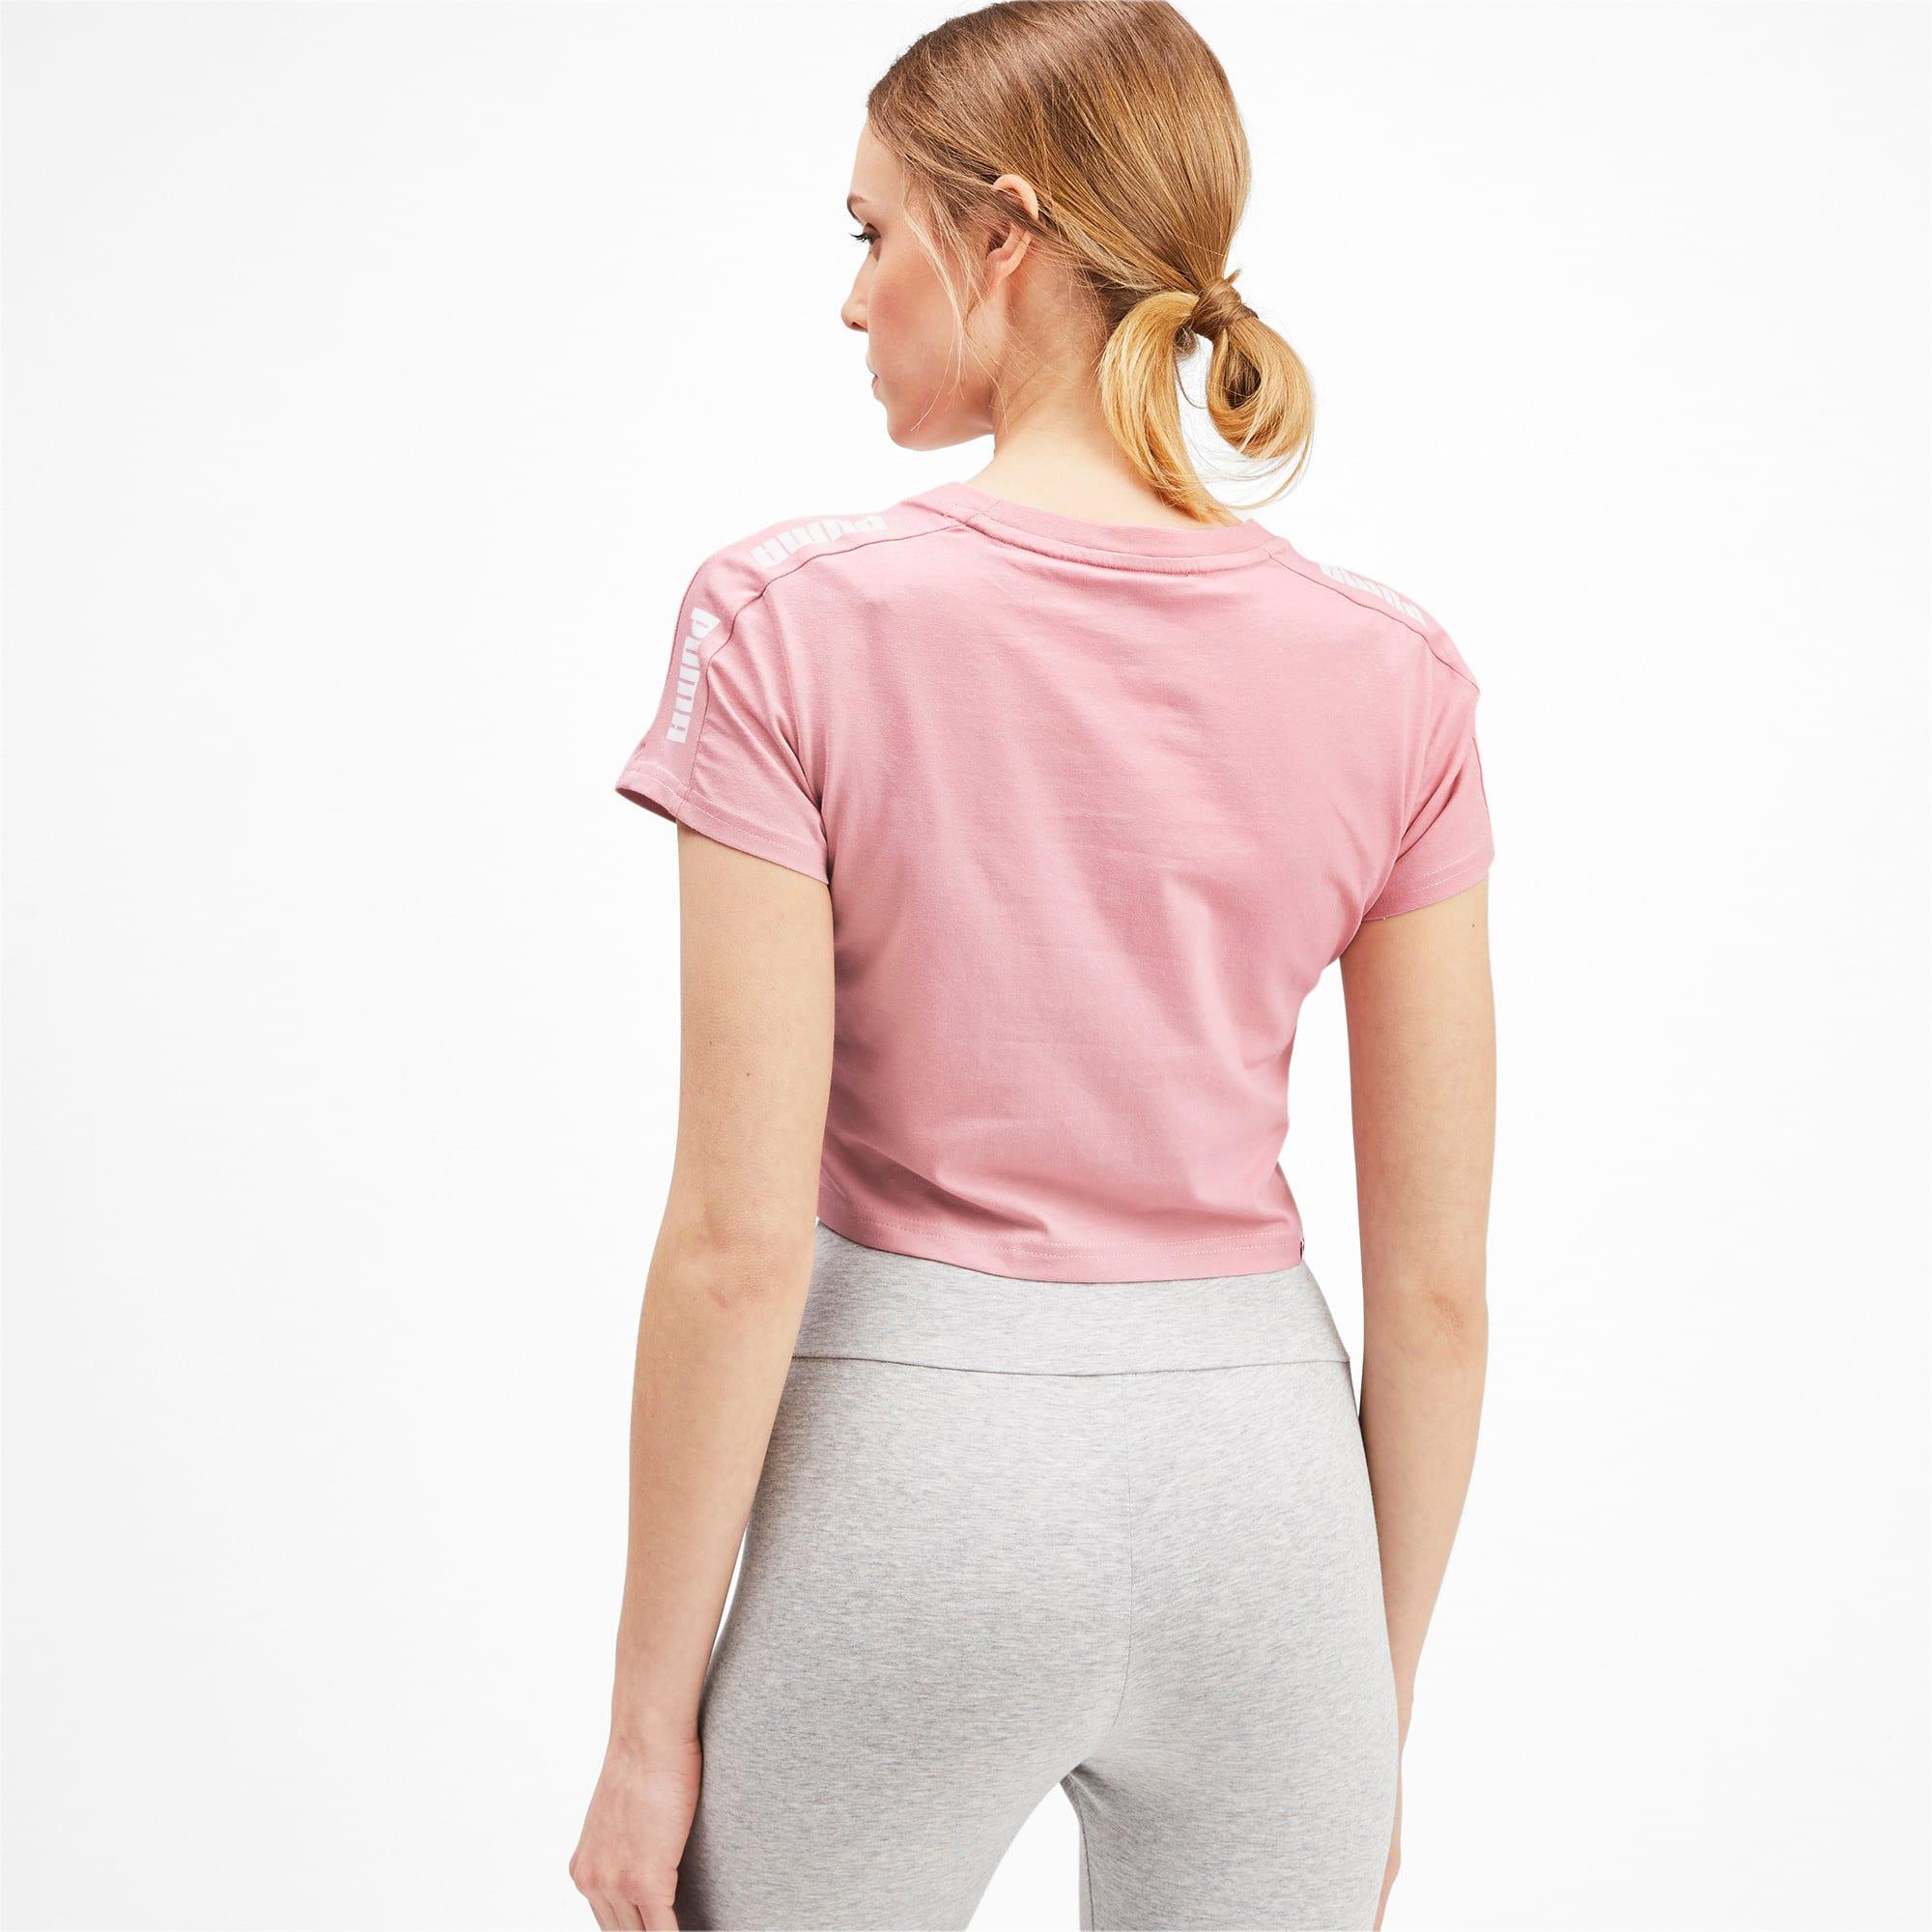 Miniatura 2 de Camiseta ajustada con logo Amplified para mujer, Bridal Rose, mediano